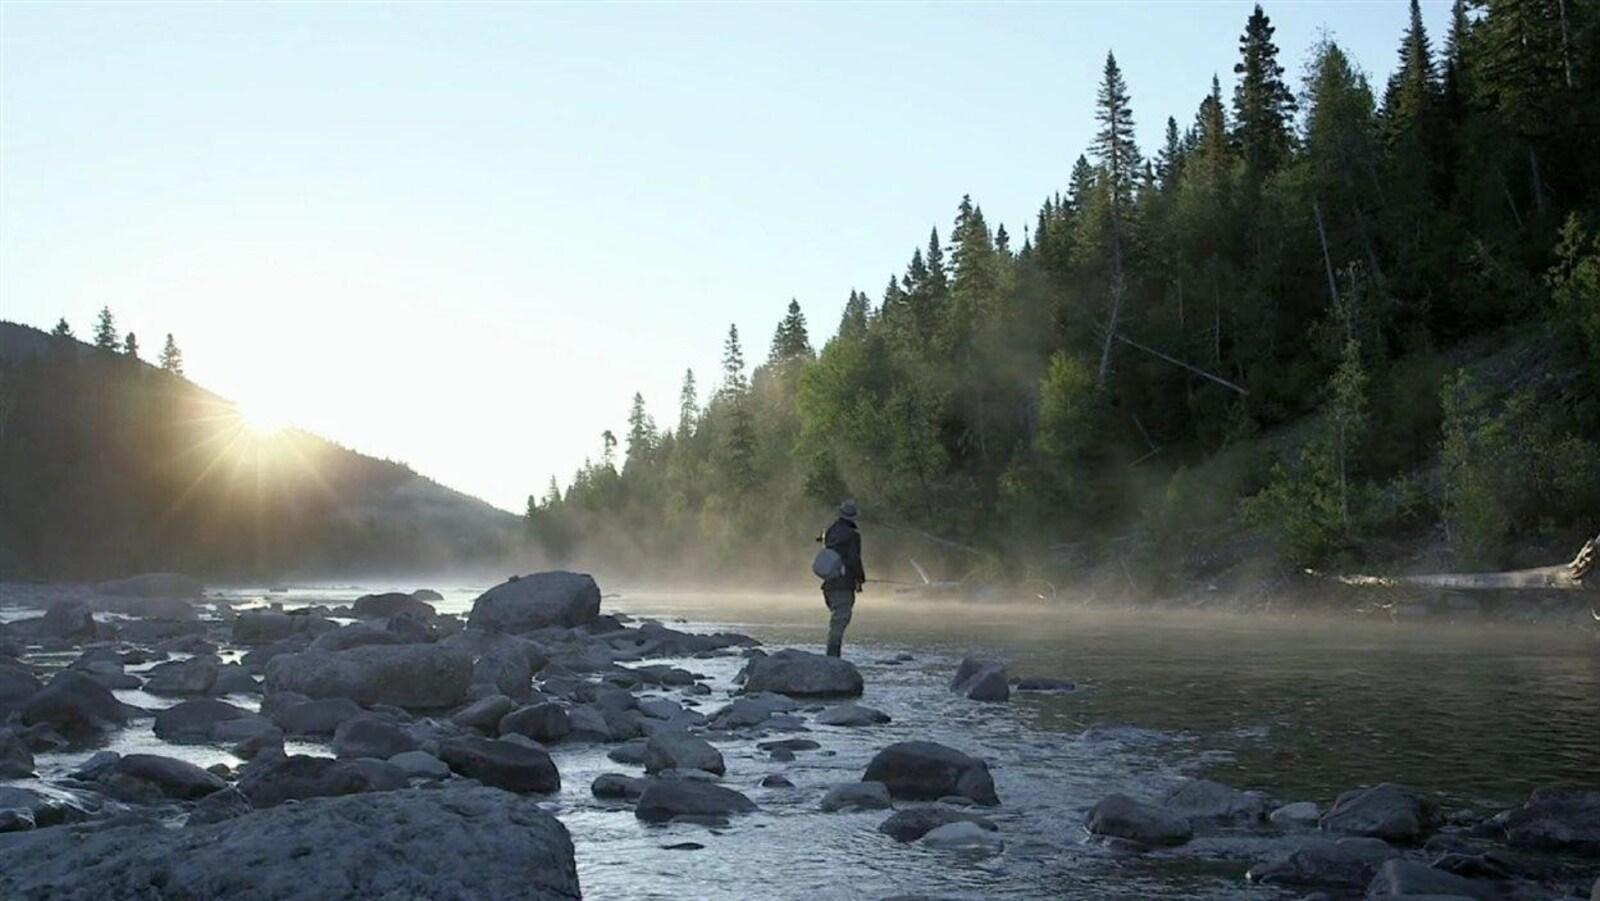 Personne debout sur une pierre au bord de la rivière Matapédia.